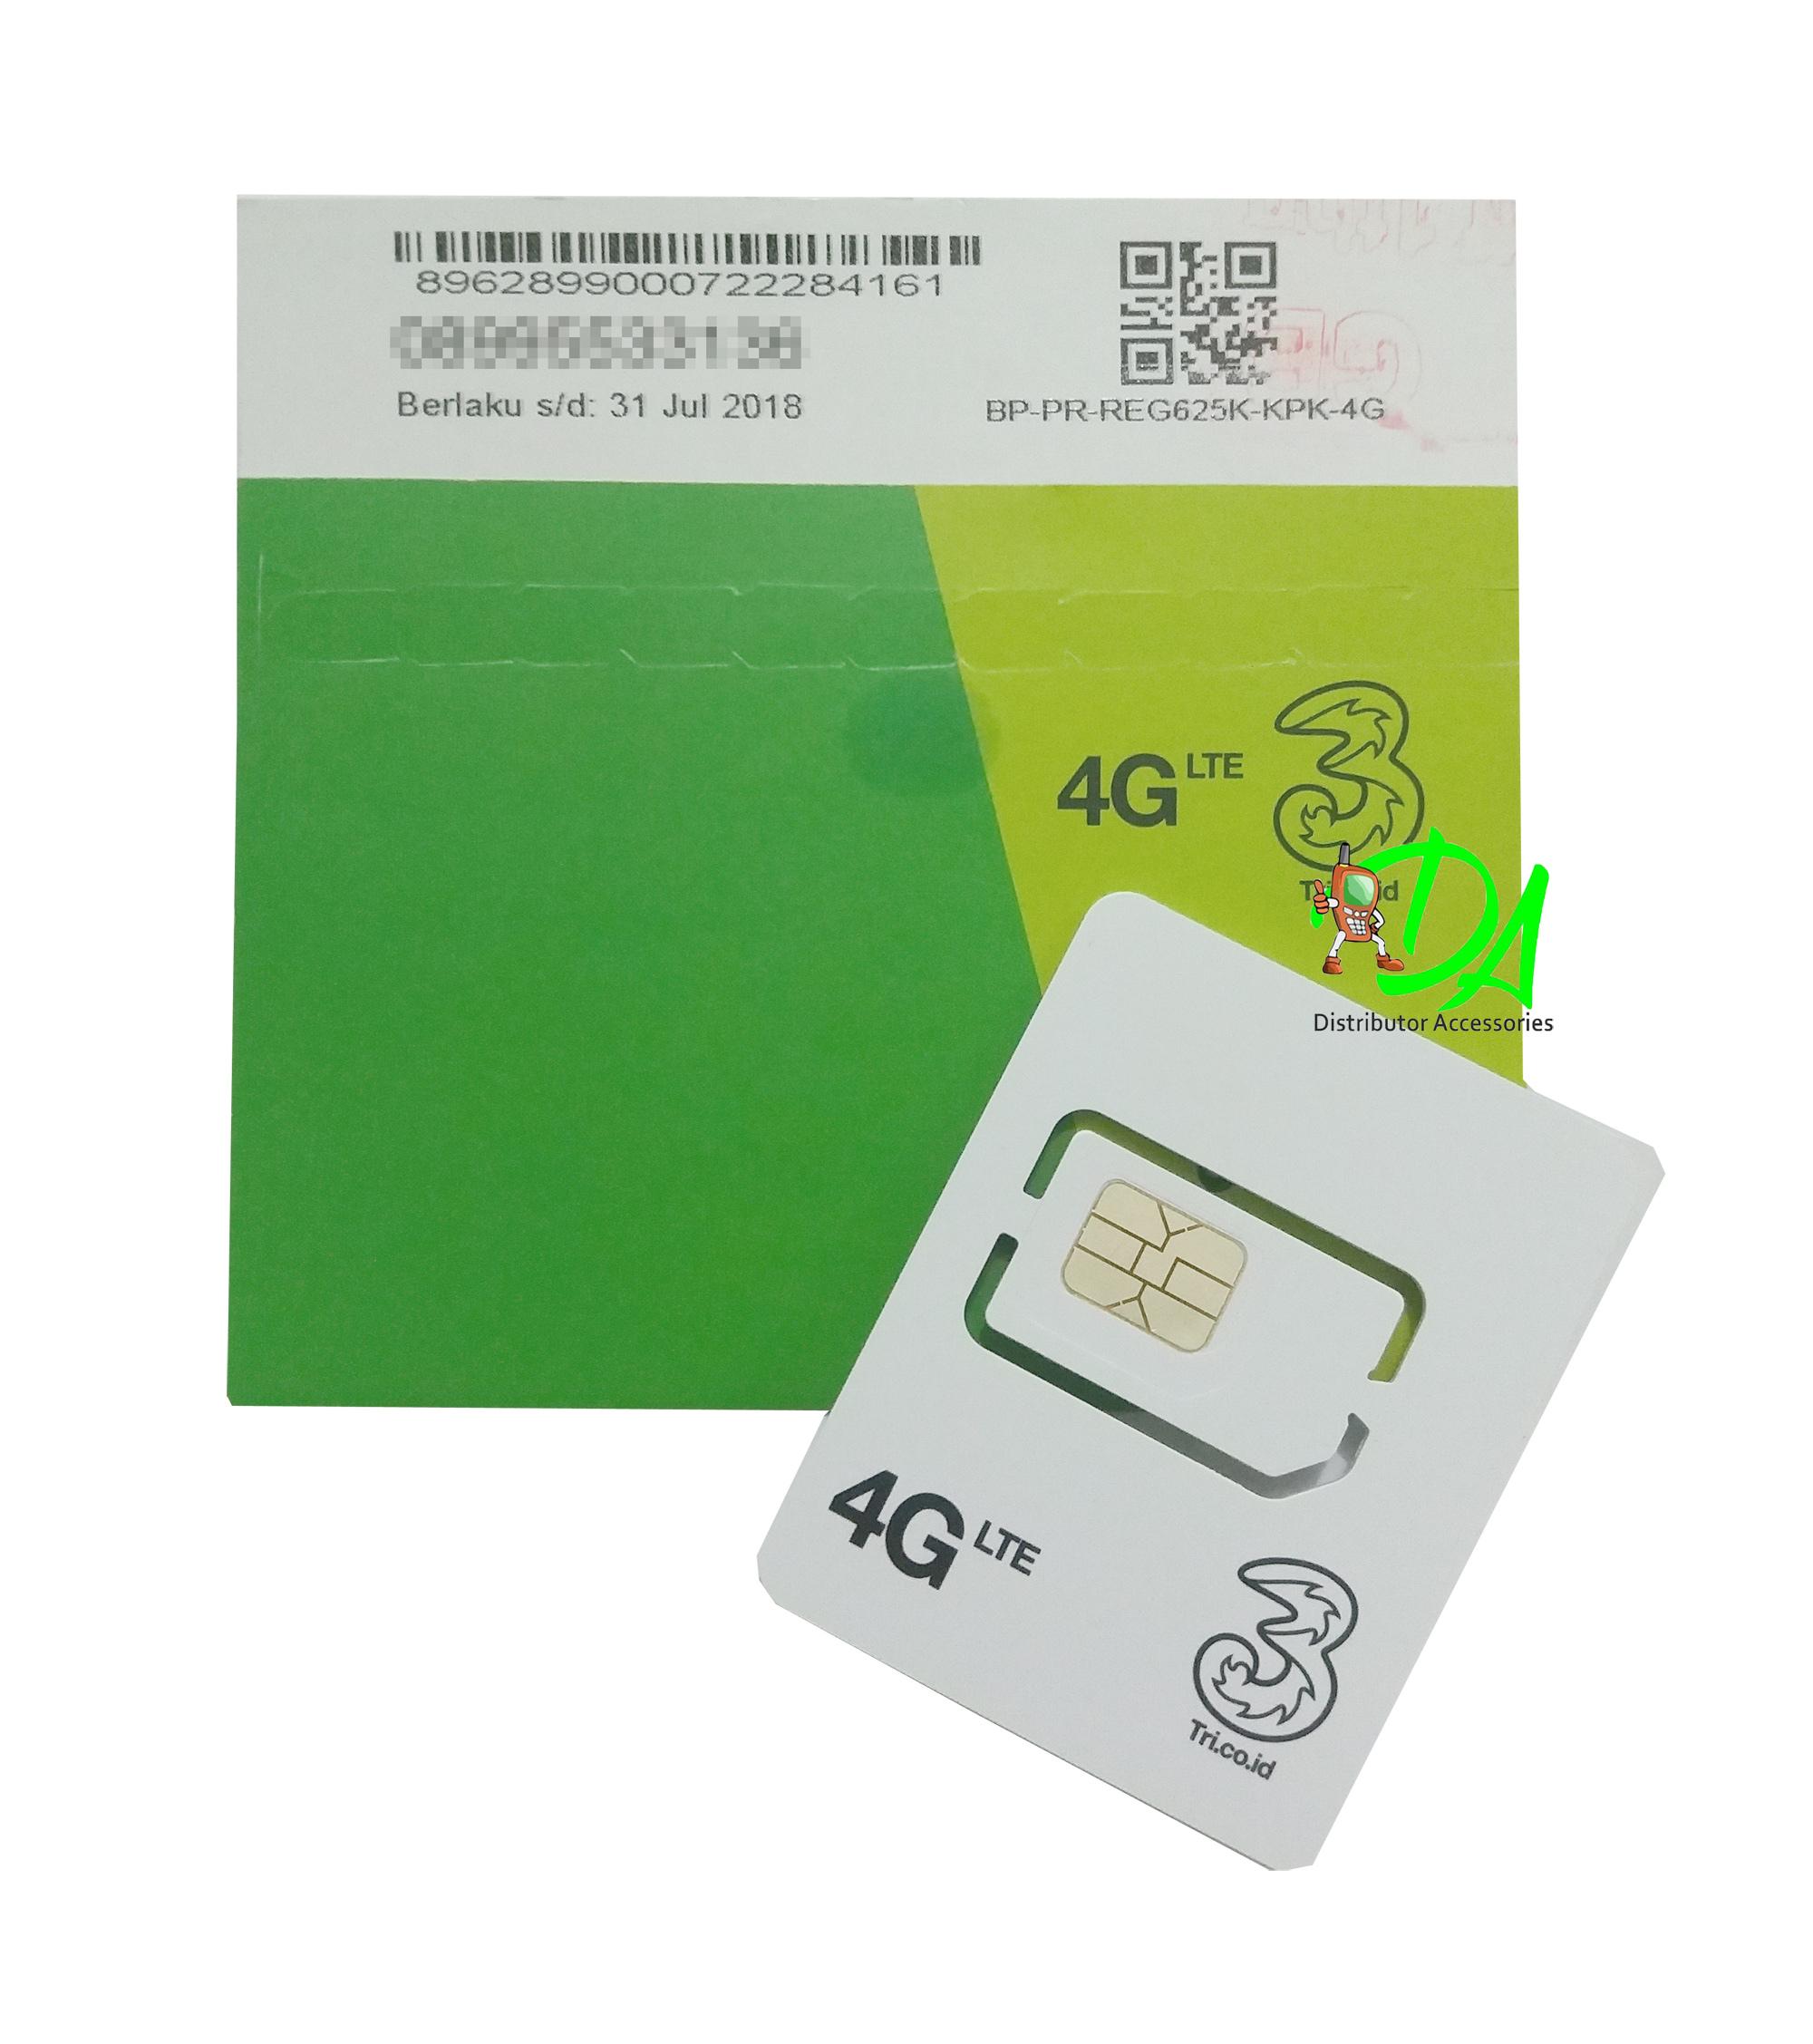 Jual Perdana Tri Aon 1gb Reguler 24 Jam Pm1 Total Kuota Kartu Data Distributor Asesoris Hp Tokopedia